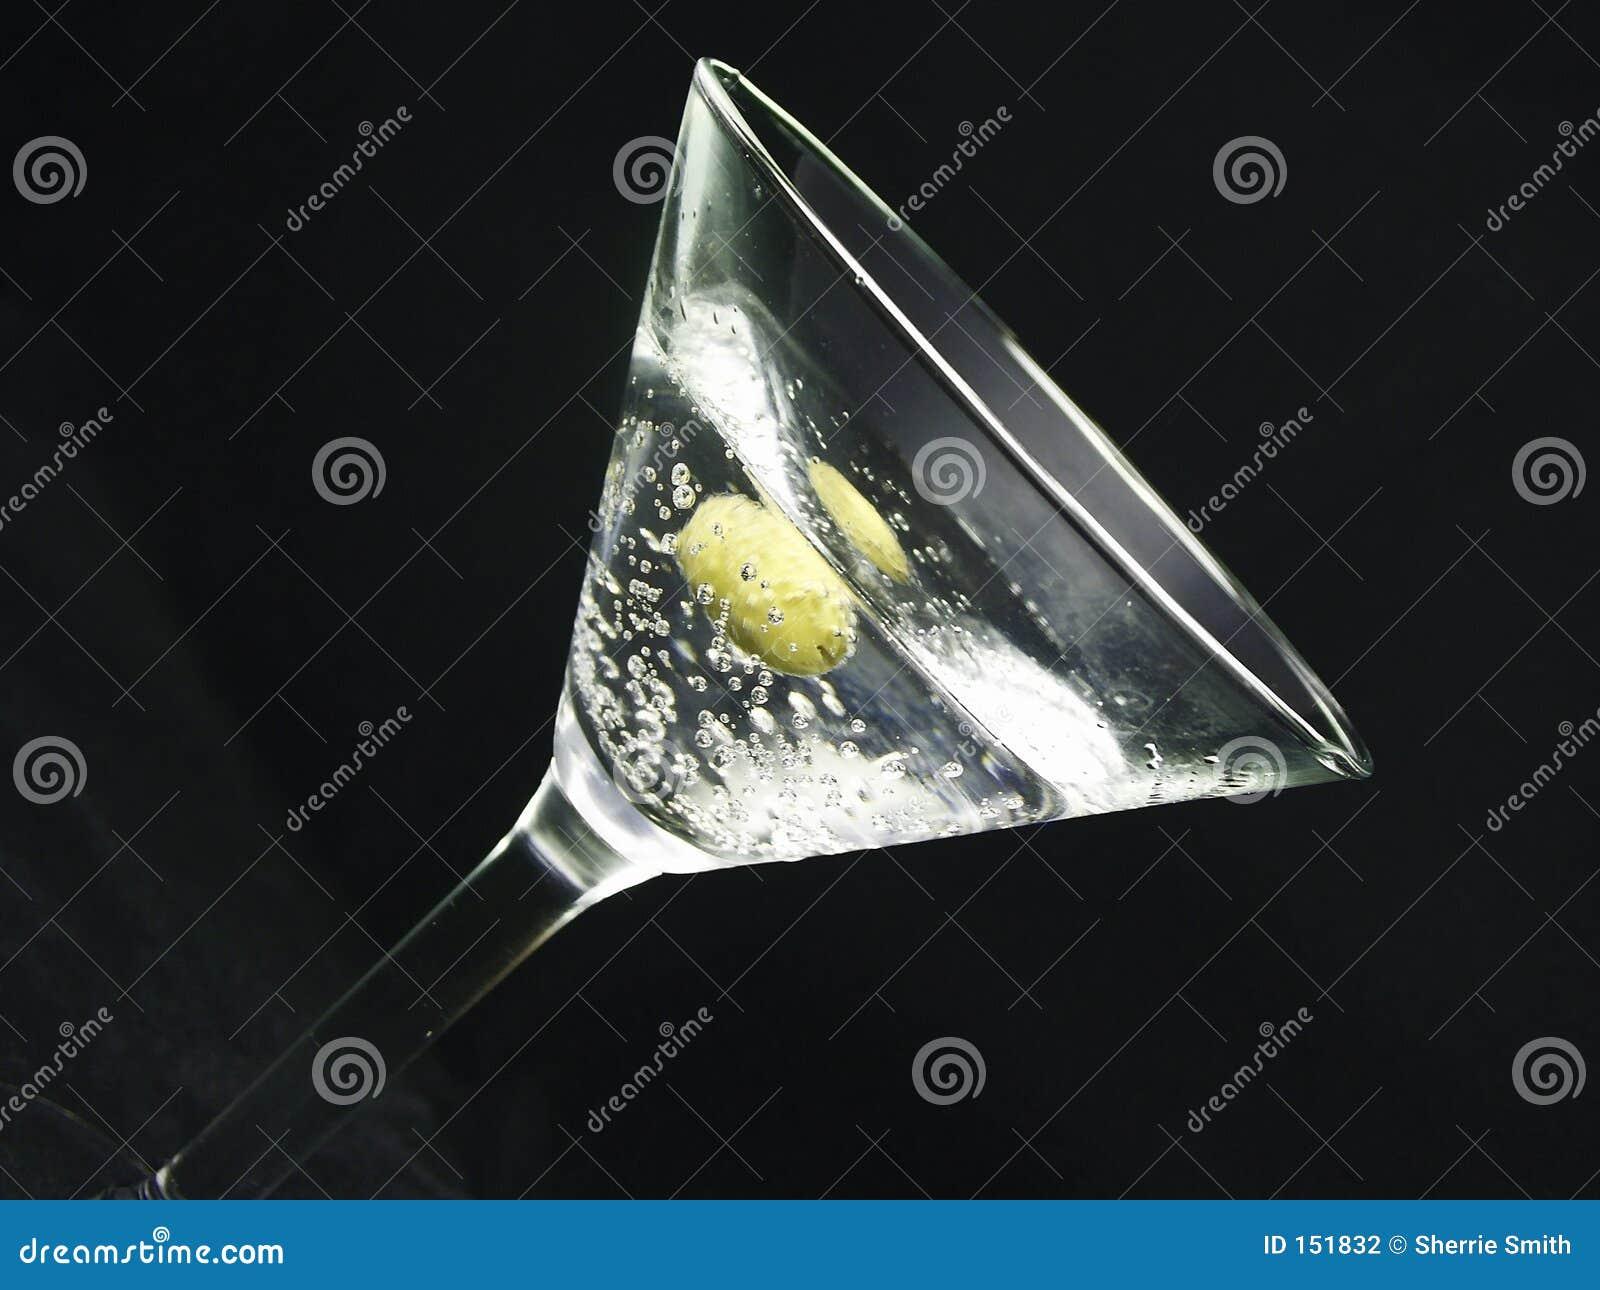 Martini n olive #2